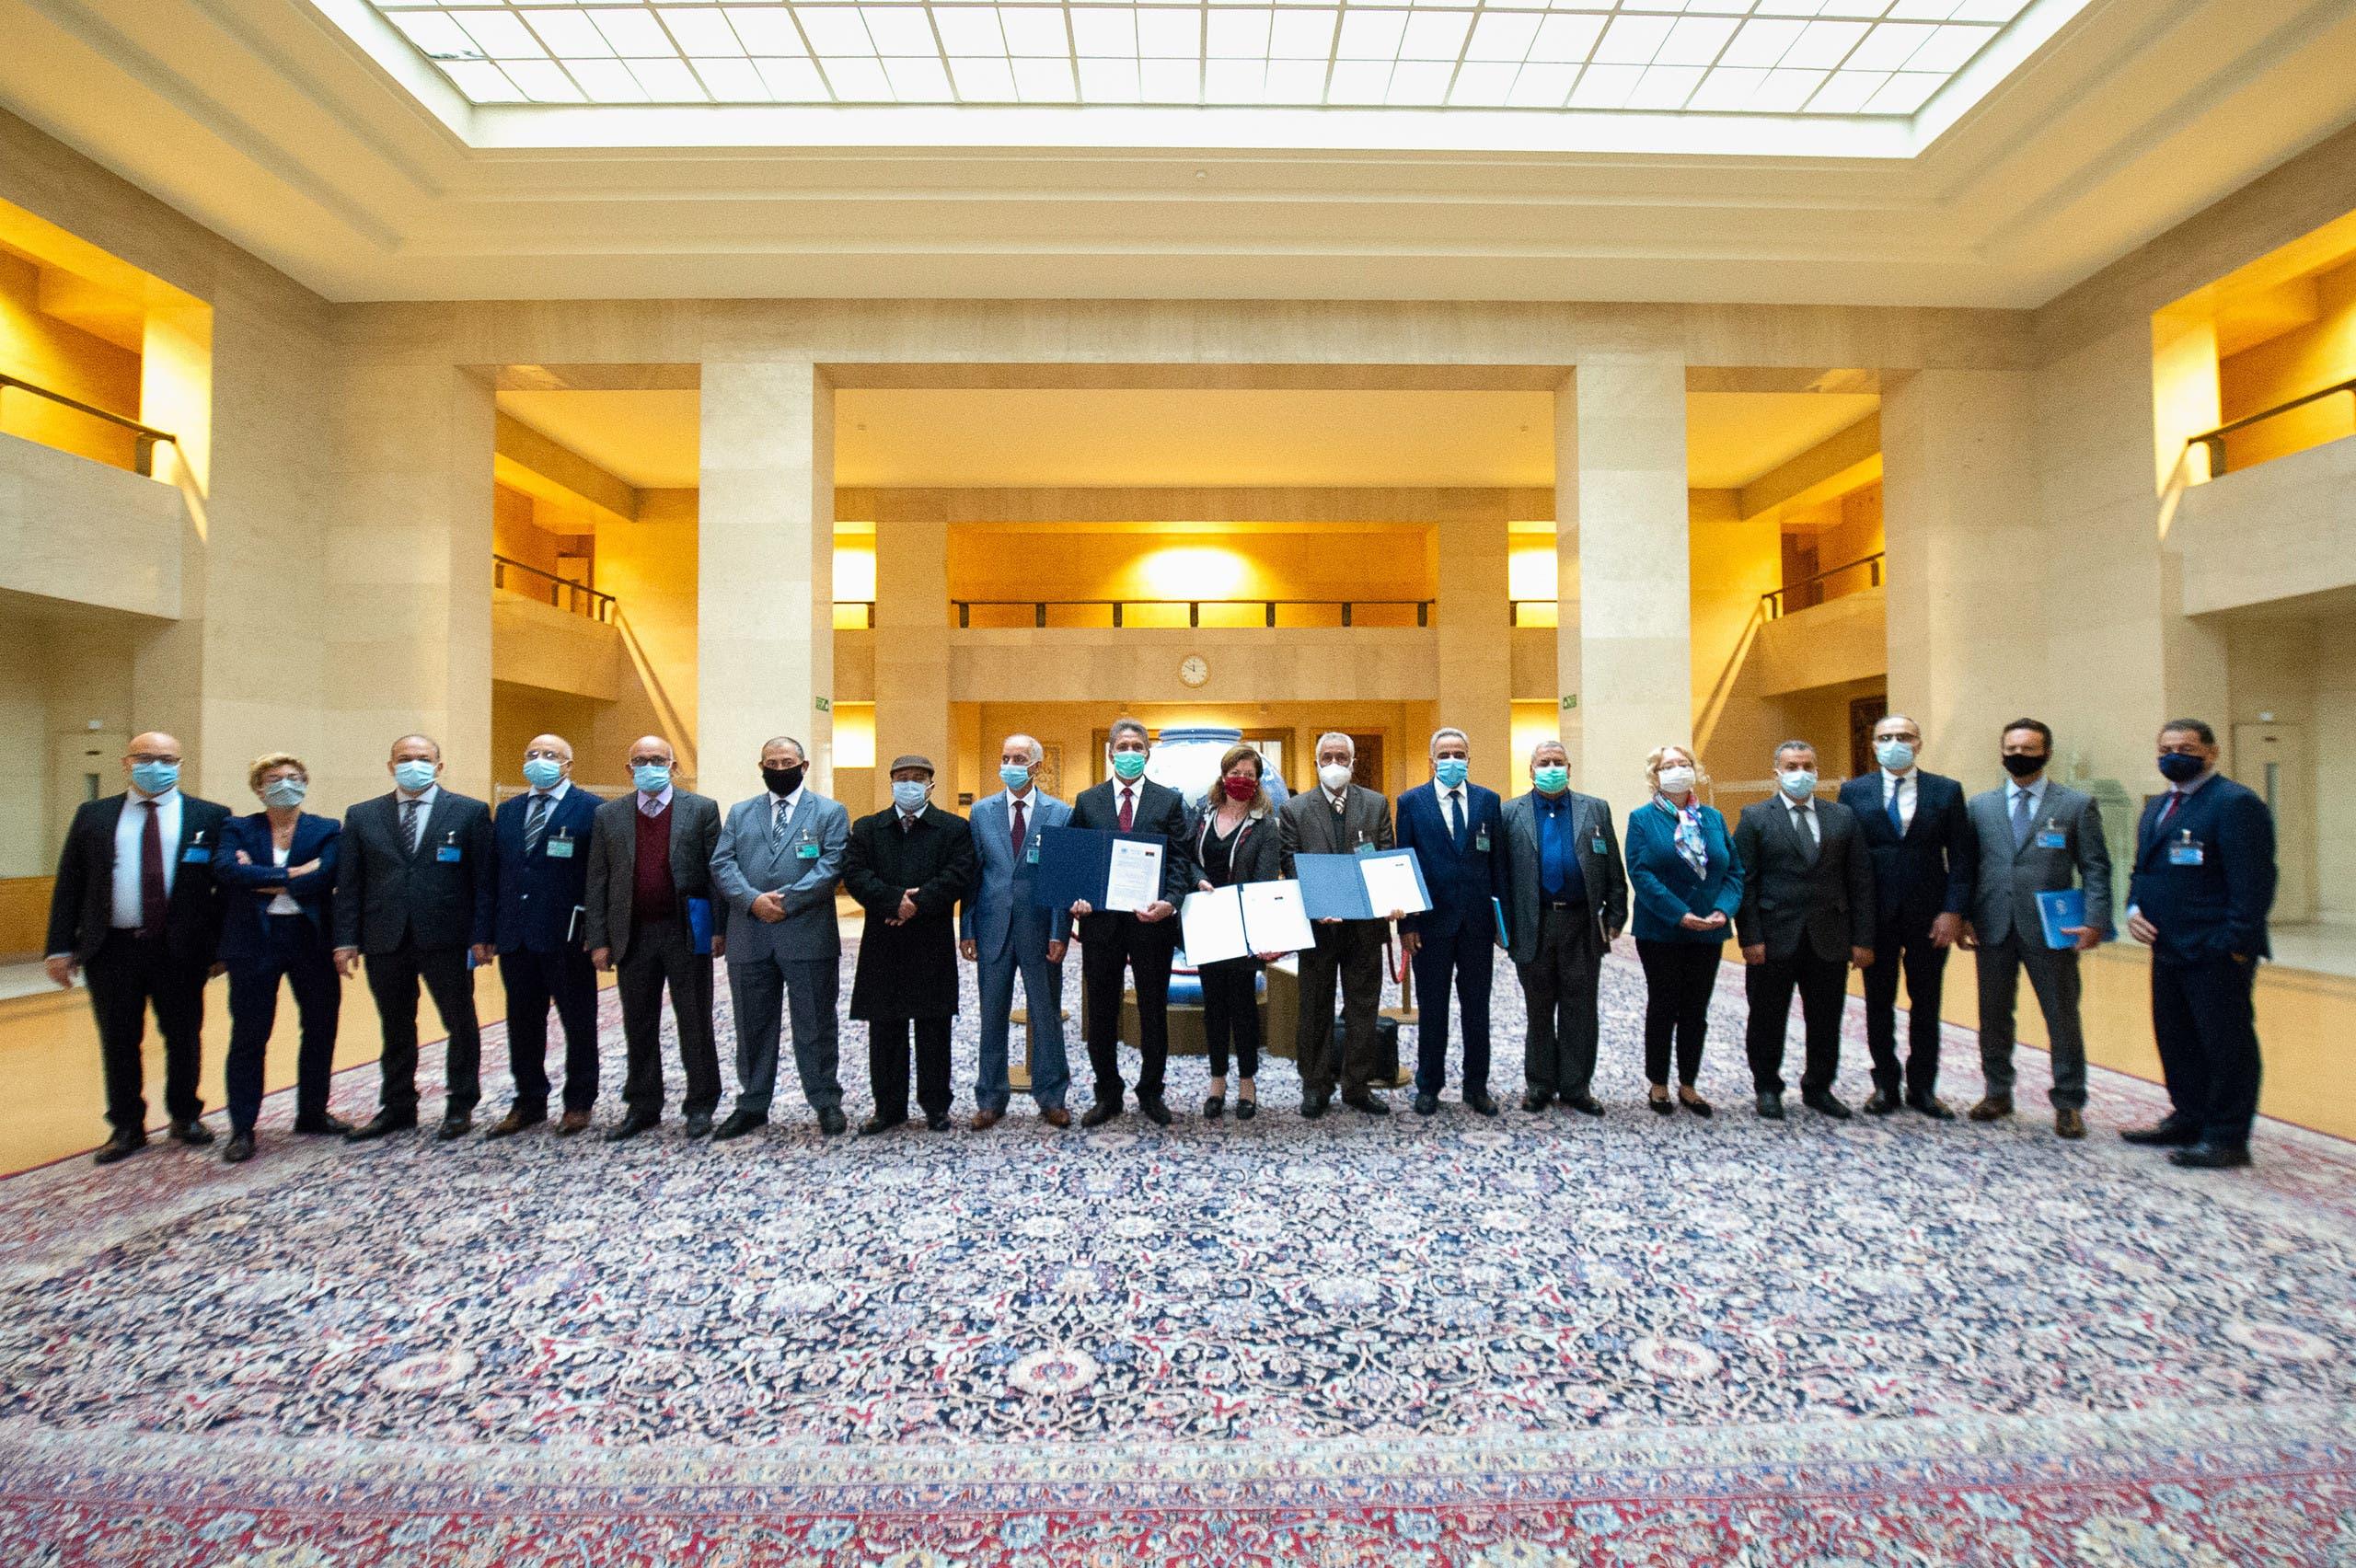 الوفدان الليبيان بعد توقيع وقف إطلاق النار الجمعة في جنيف